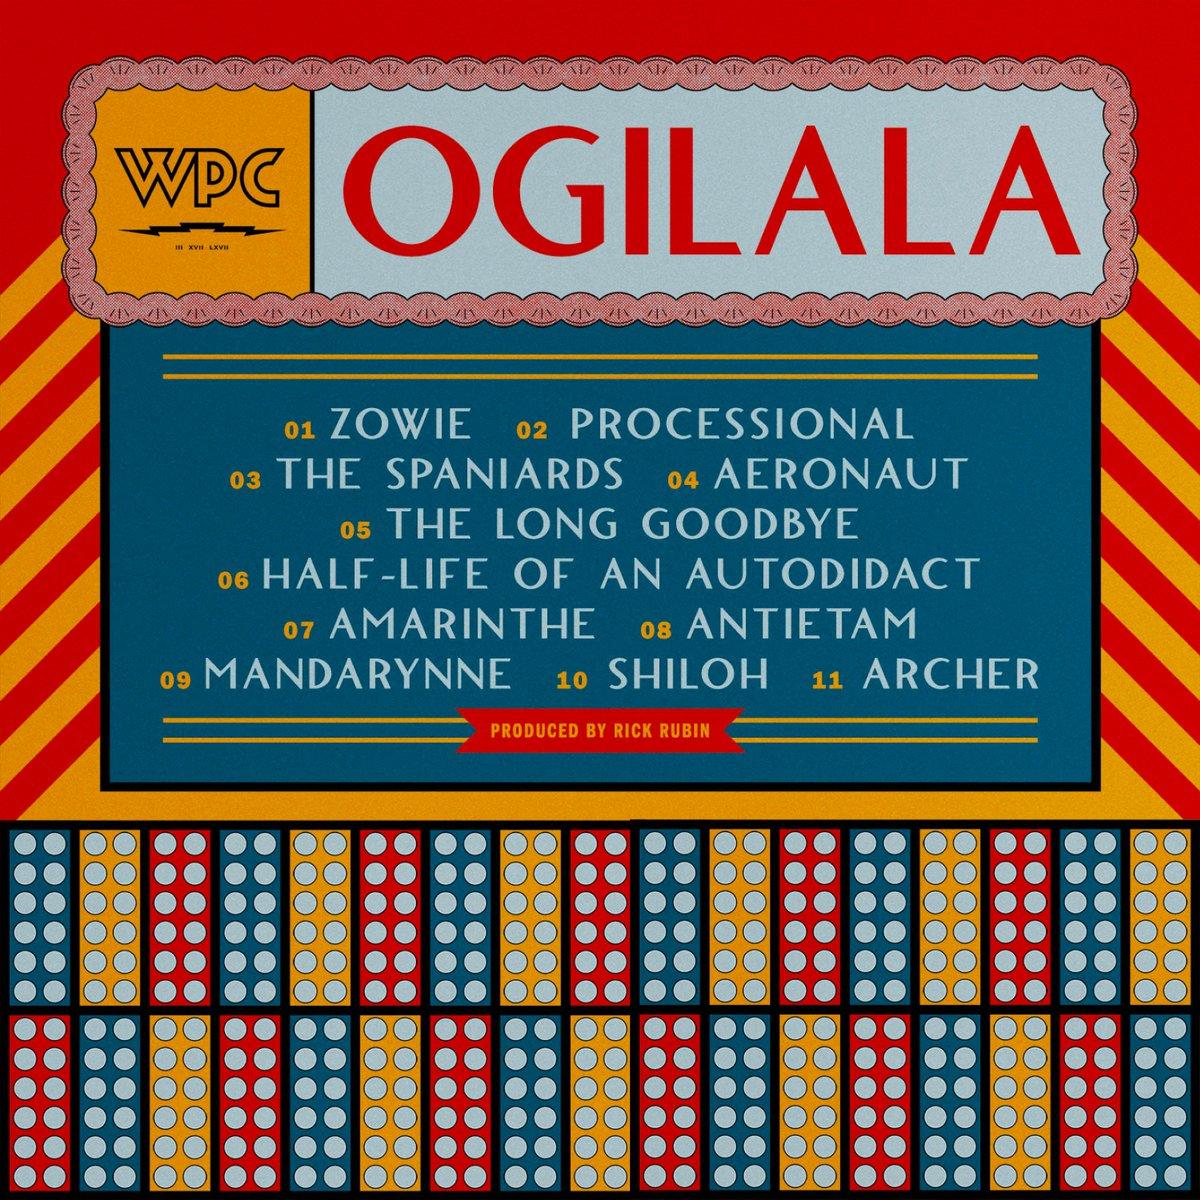 Новый альбом Билли Коргана «Ogilala»